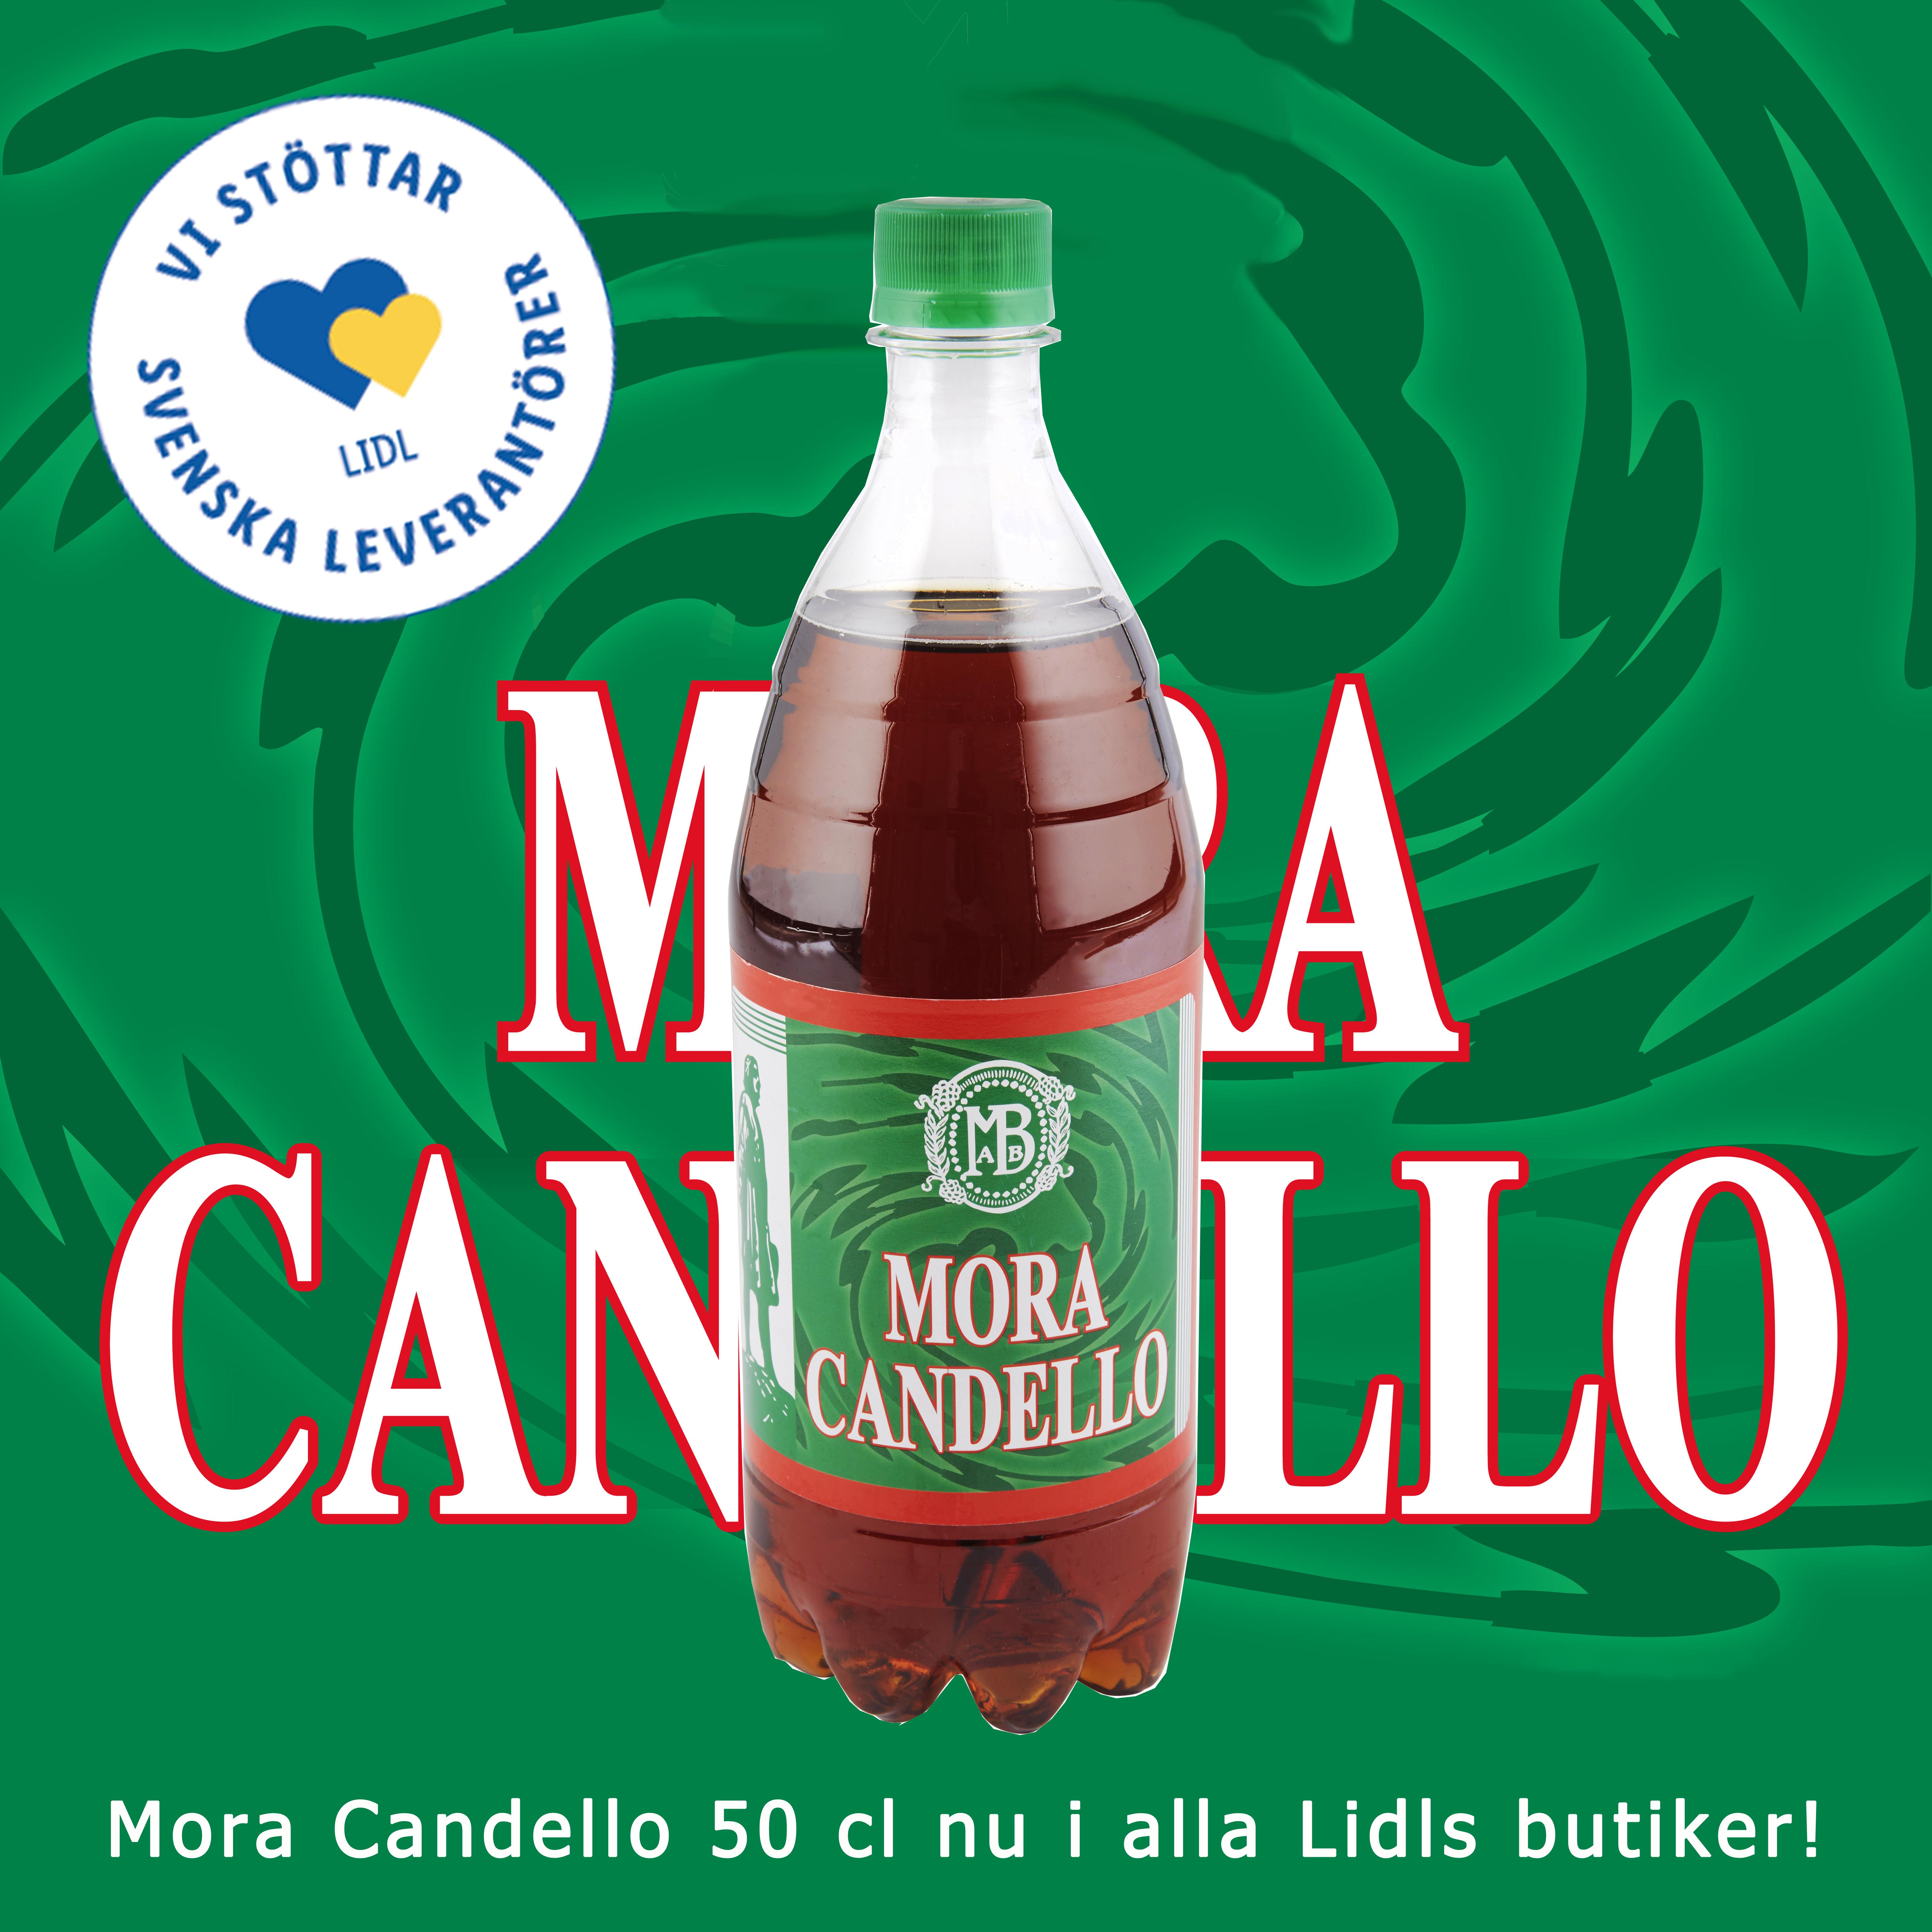 Mora Candello